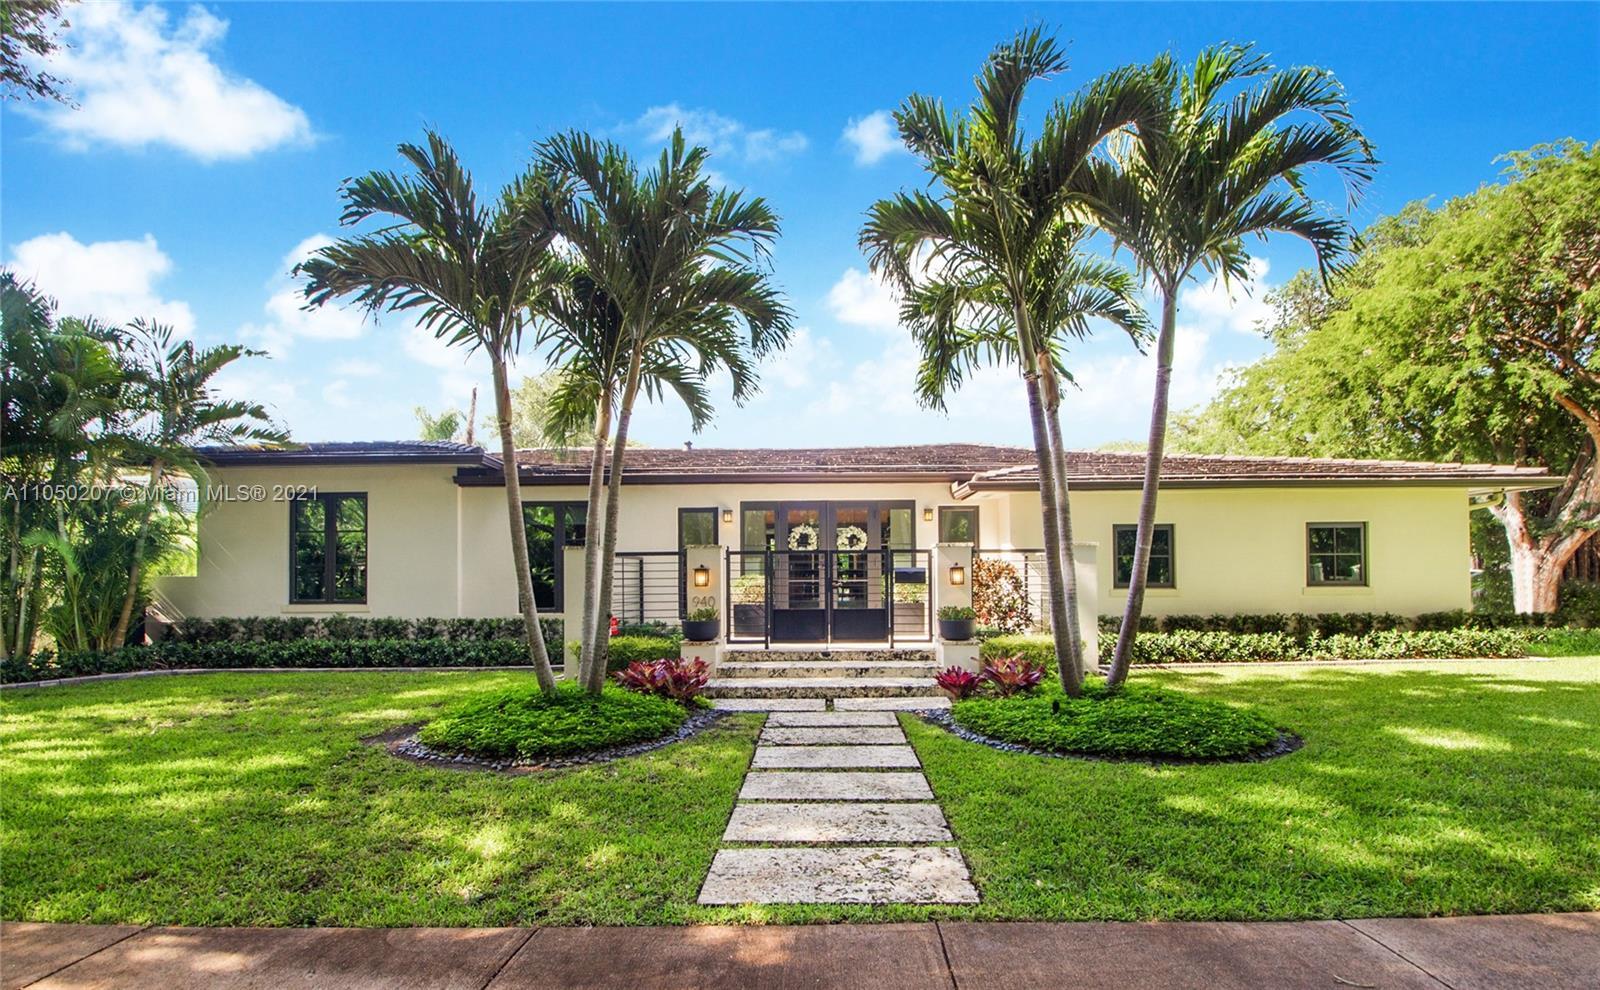 Riviera - 940 Cotorro Ave, Coral Gables, FL 33146